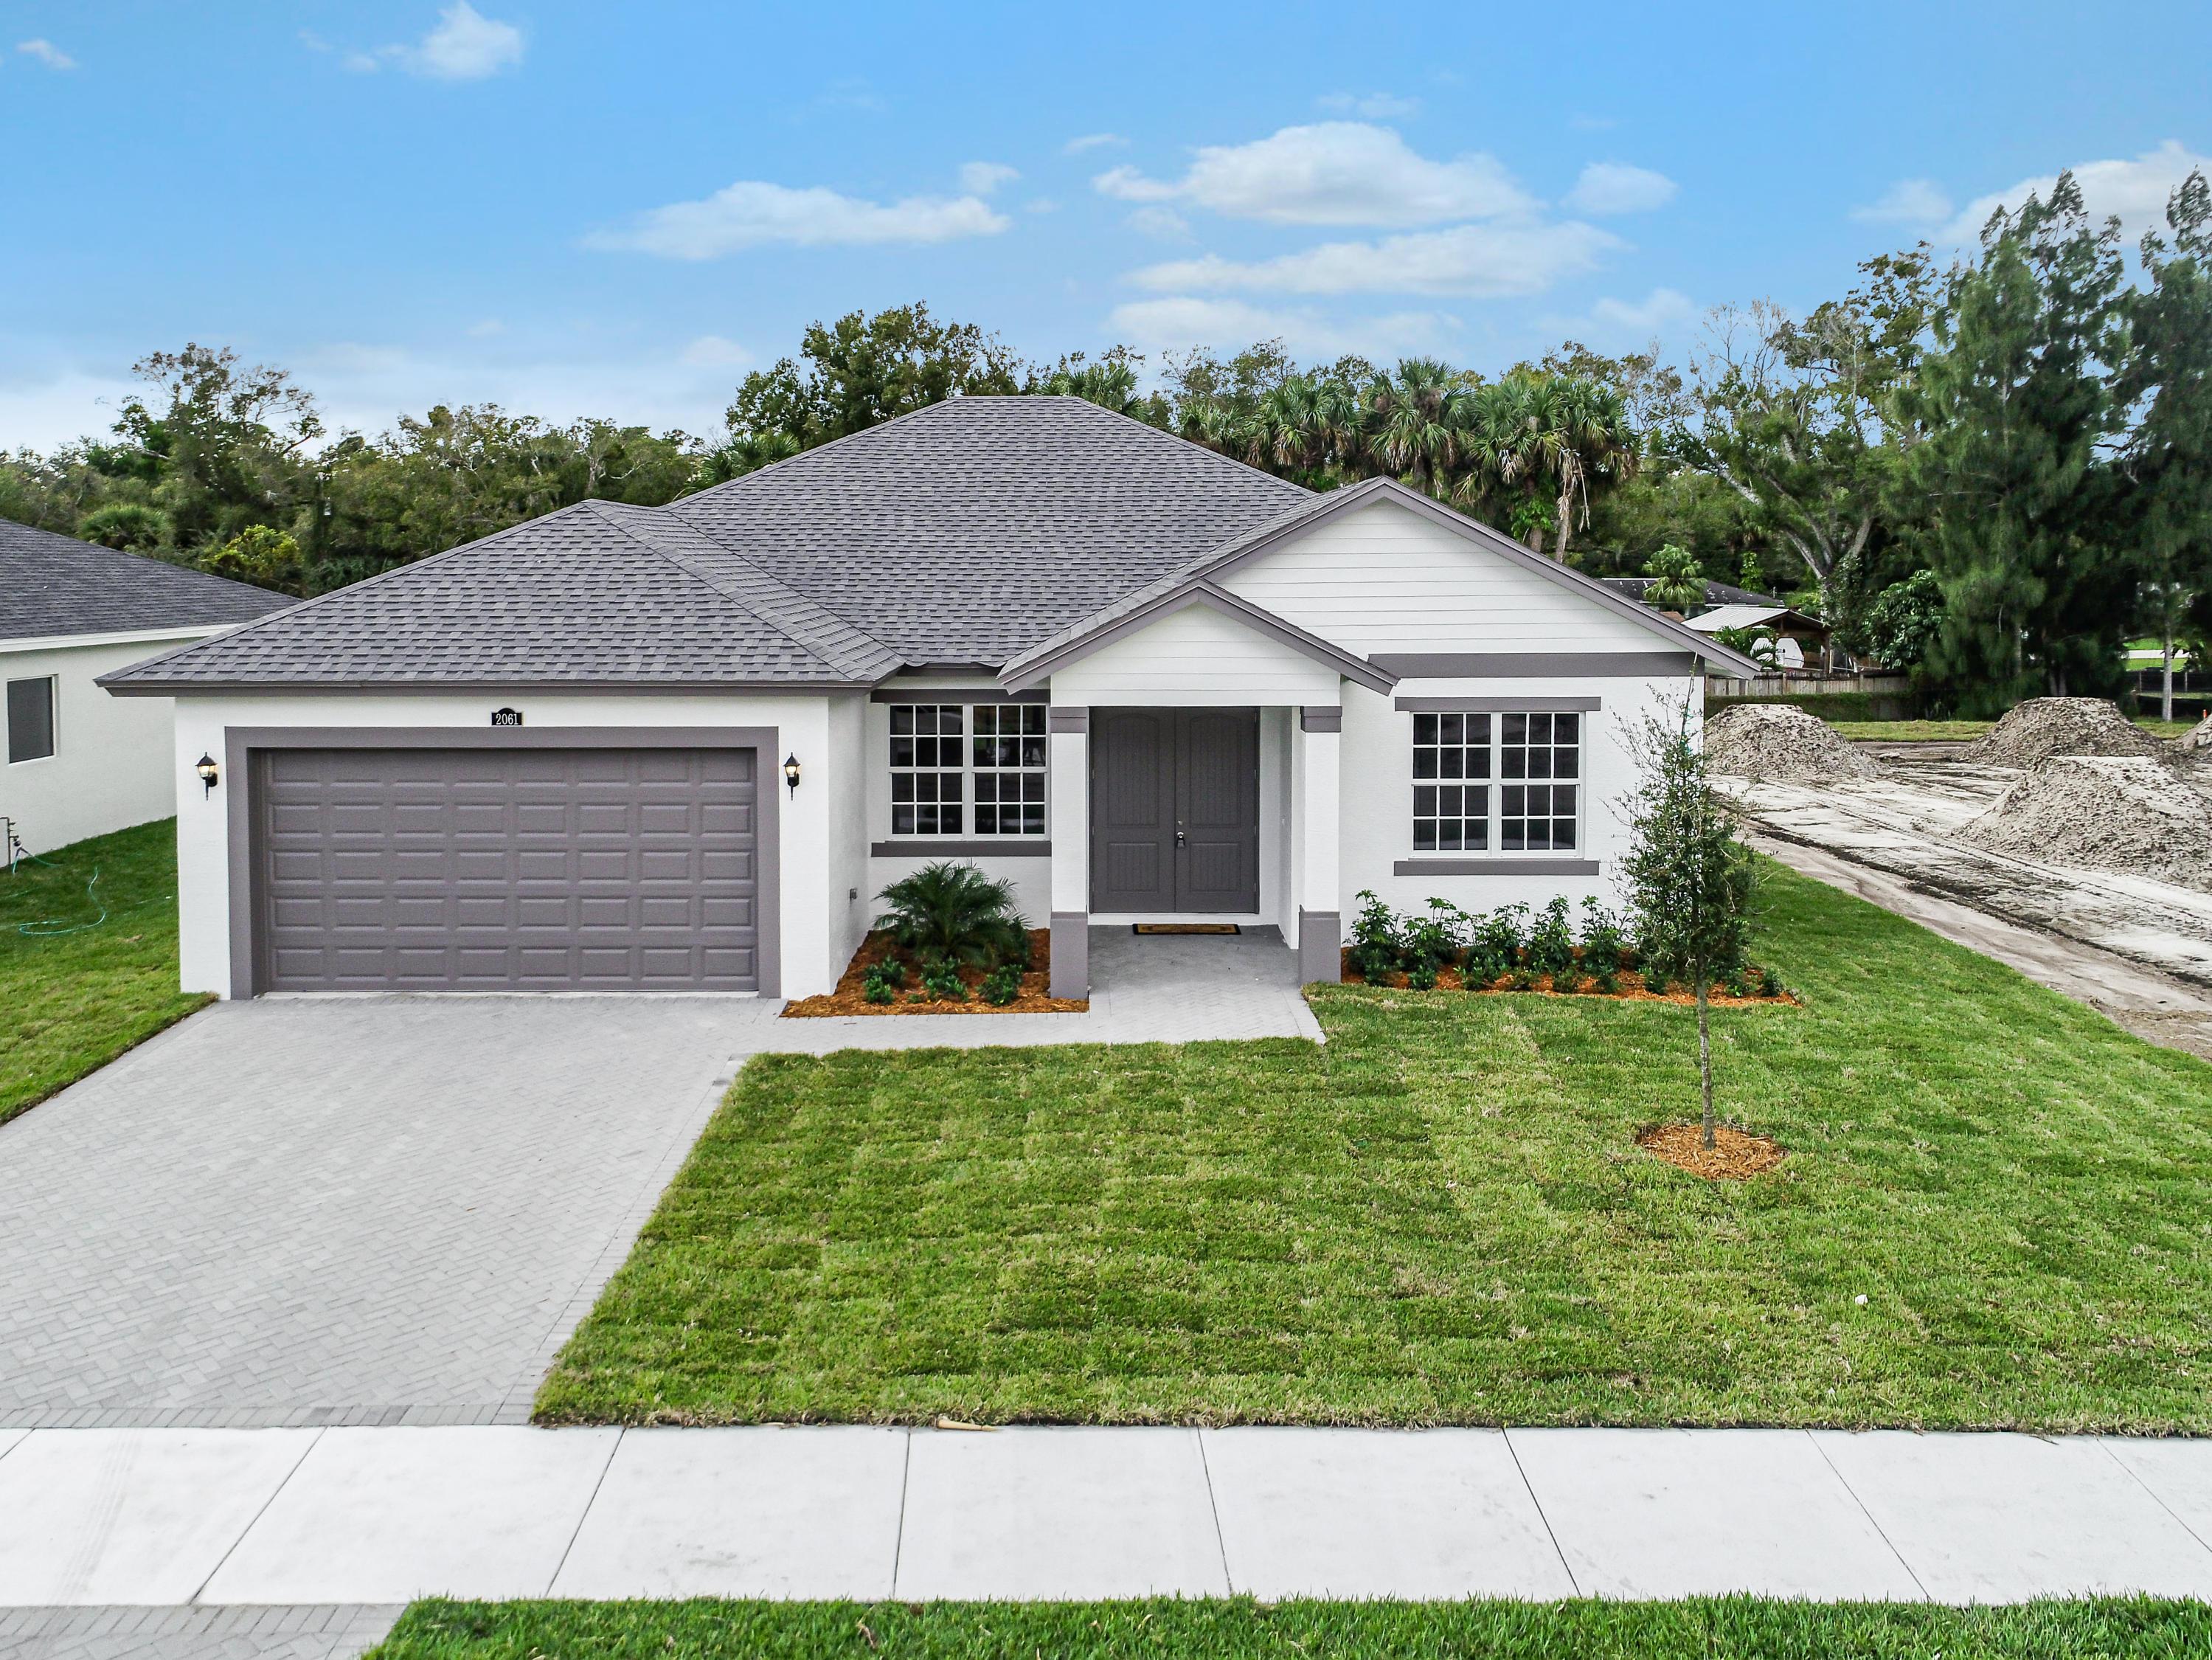 Photo of 2061 Bridgehampton Terrace, Vero Beach, FL 32966